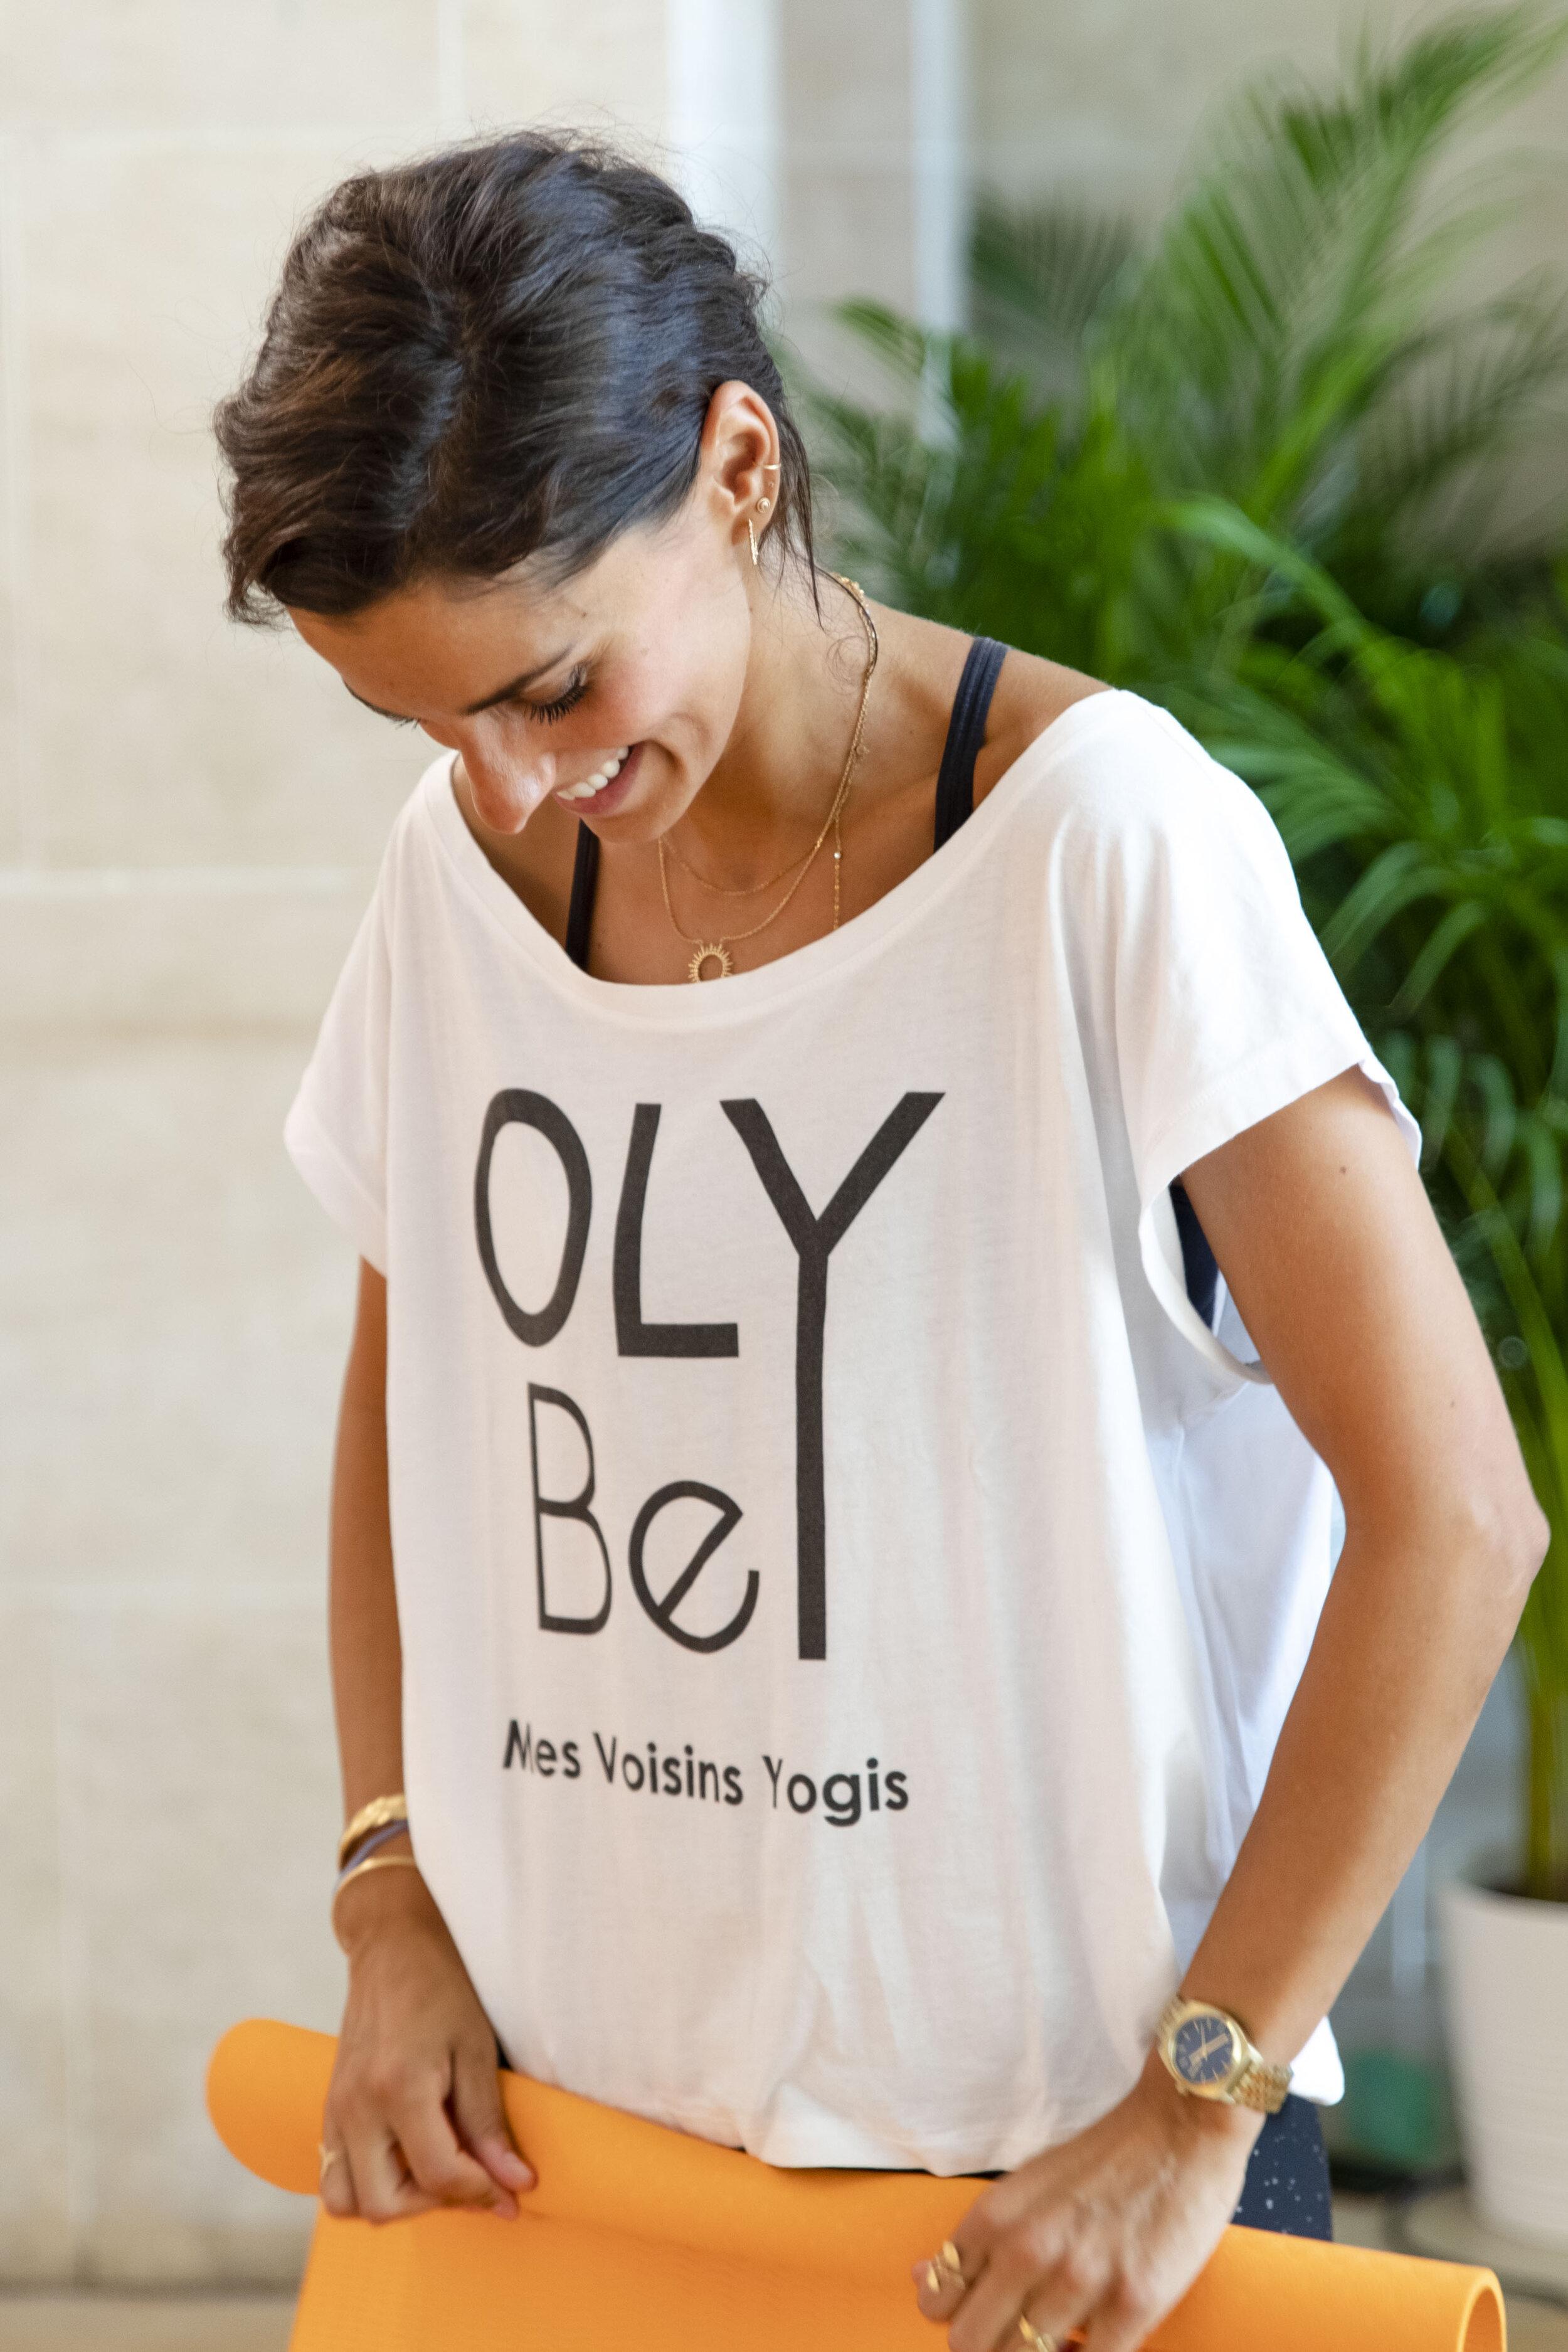 Pourquoi choisir OLY Be ? - Pour pratiquer chez vous ou dans votre quartier : nous proposons des centaines de cours chaque semaine soit en live et en ligne soit en présentiel dans plus de 100 lieux différents !Pour la flexibilité du planning : nos cours, d'une durée d'1h ou de 30 minutes, ont lieu 7j/7, matin / midi / soir.Pour l'accessibilité financière : des cours de yoga, de pilates, de méditation, à partir de 9€.Pour l'ambiance : OLY Be c'est avant tout une communauté de plus de OLY Bees chaleureux, accueillants et motivants !Pour la diversité des cours : plus de 20 types de pratiques différentes, de la plus douce à la plus dynamique, pour se détendre ou se renforcer; pour les débutants et les confirmés !